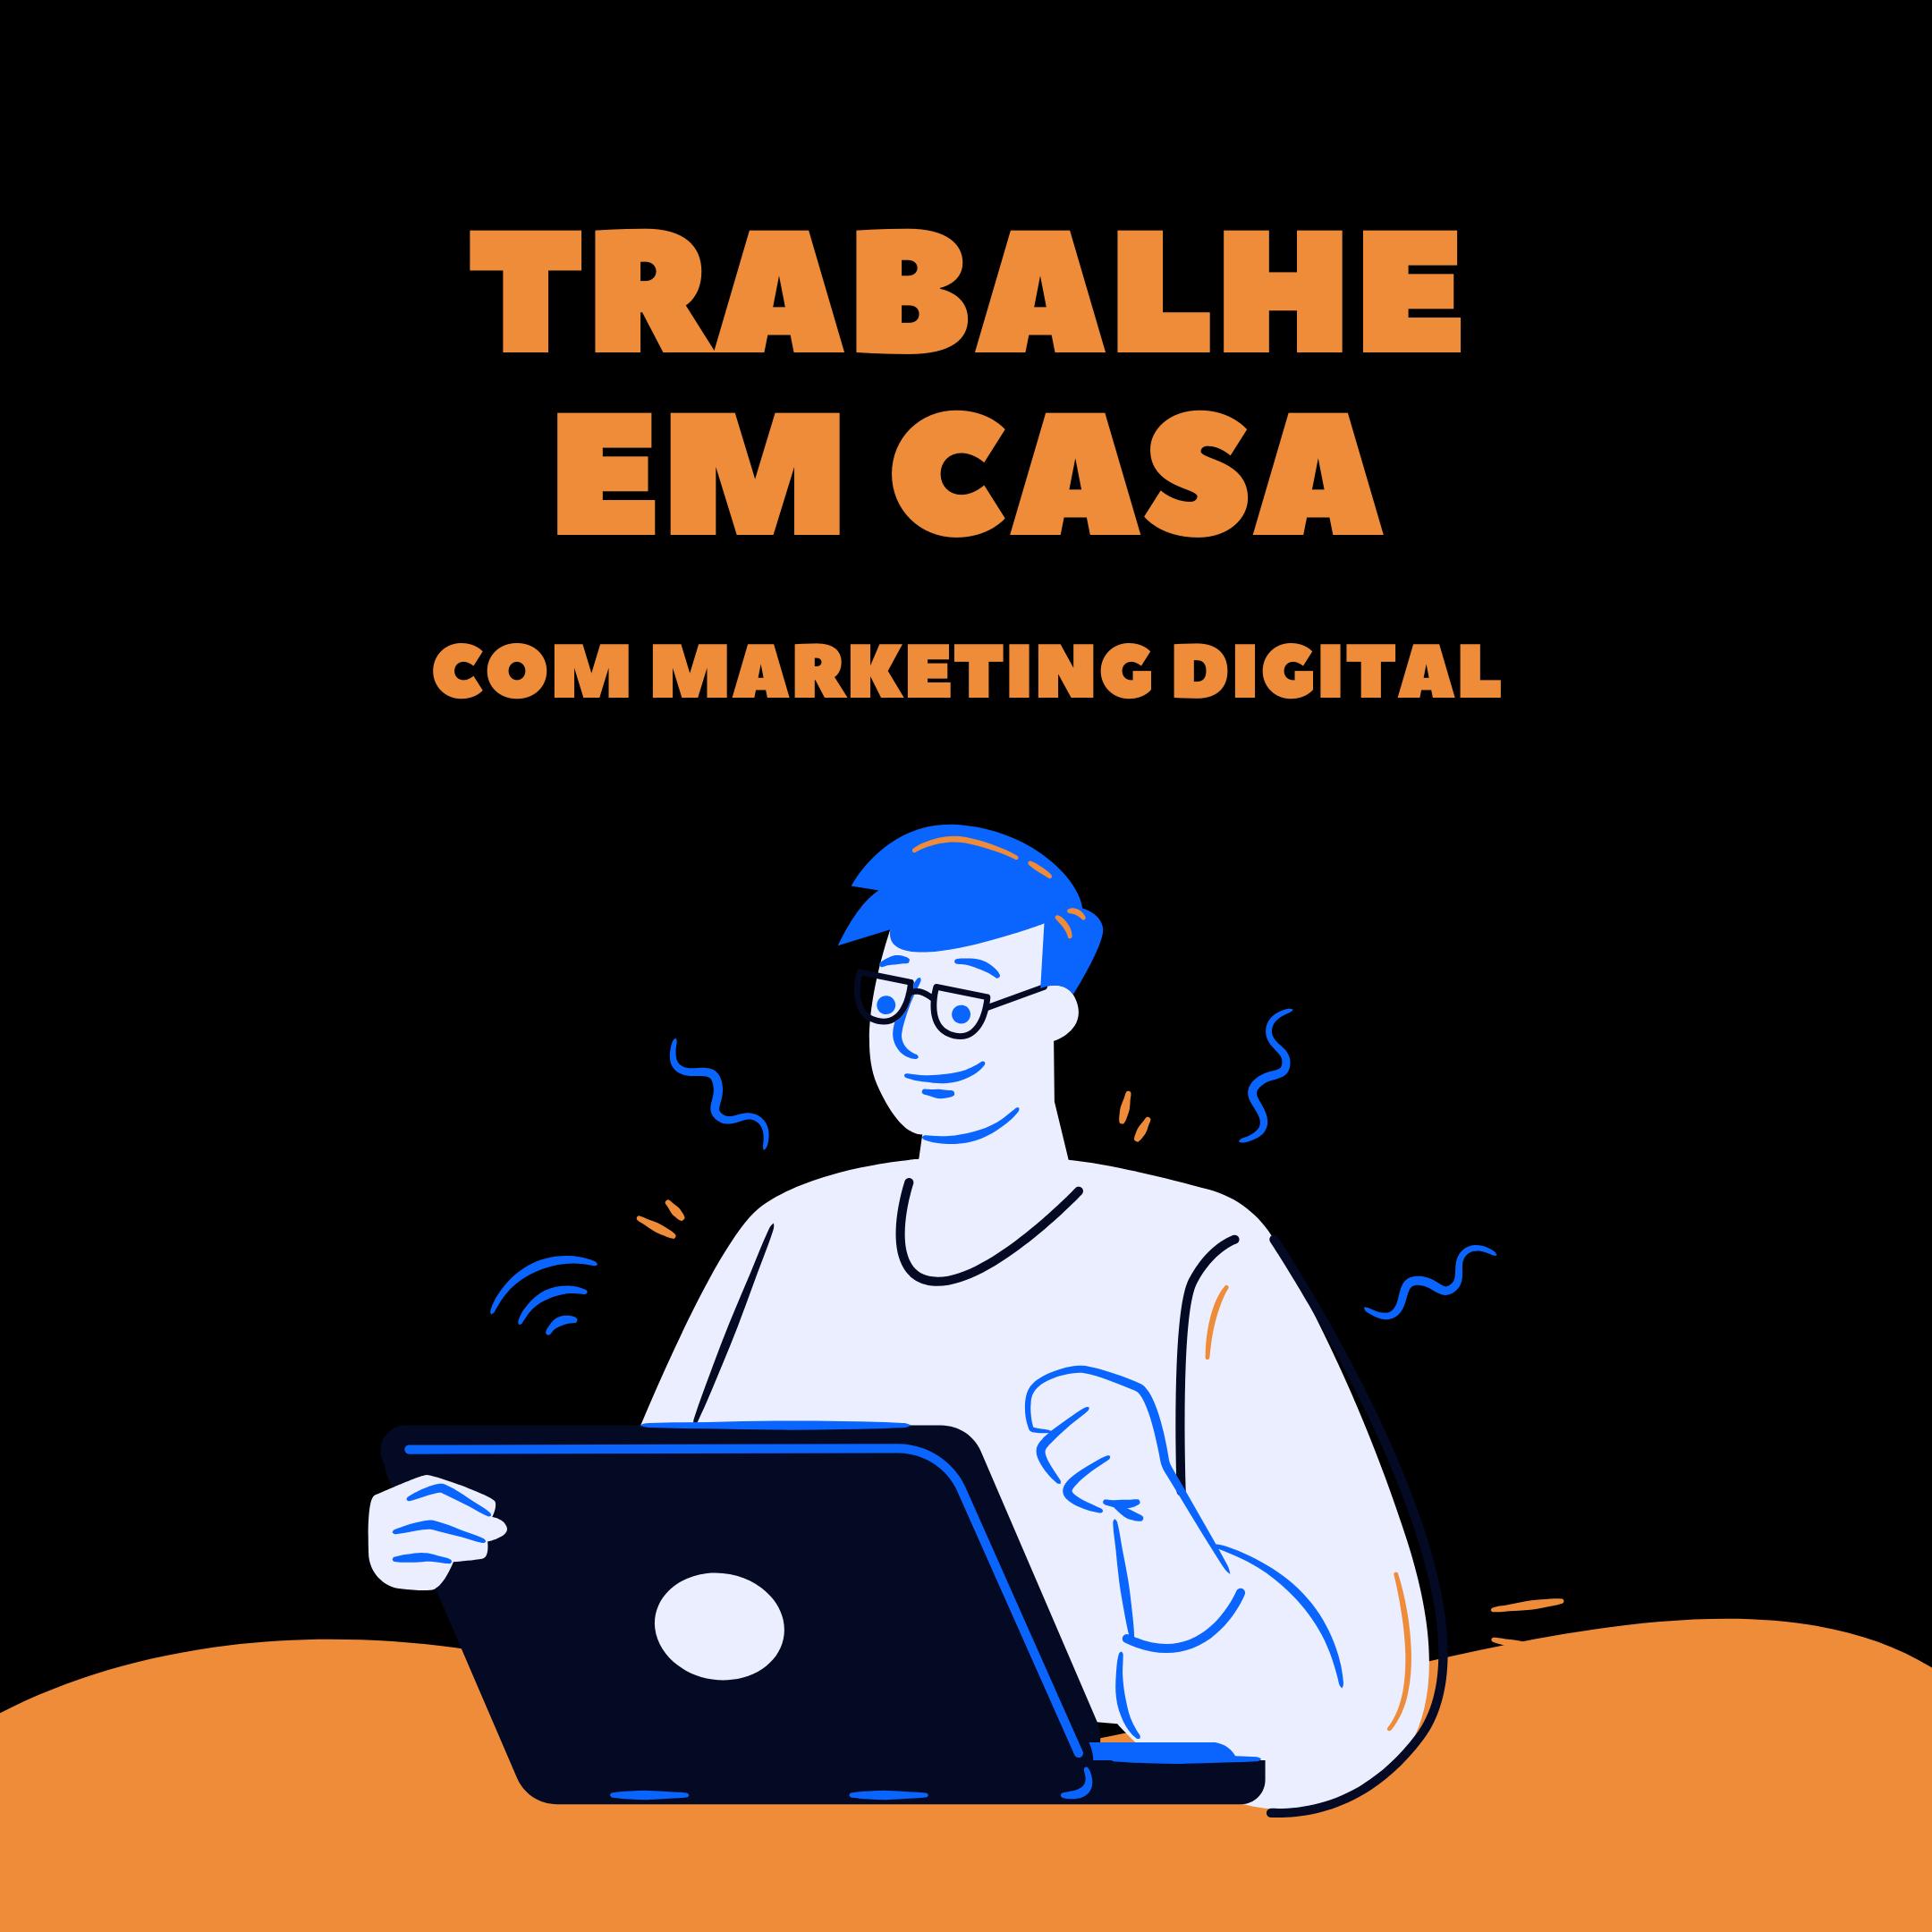 Lucrando Dinheiro em Casa com Marketing Digital